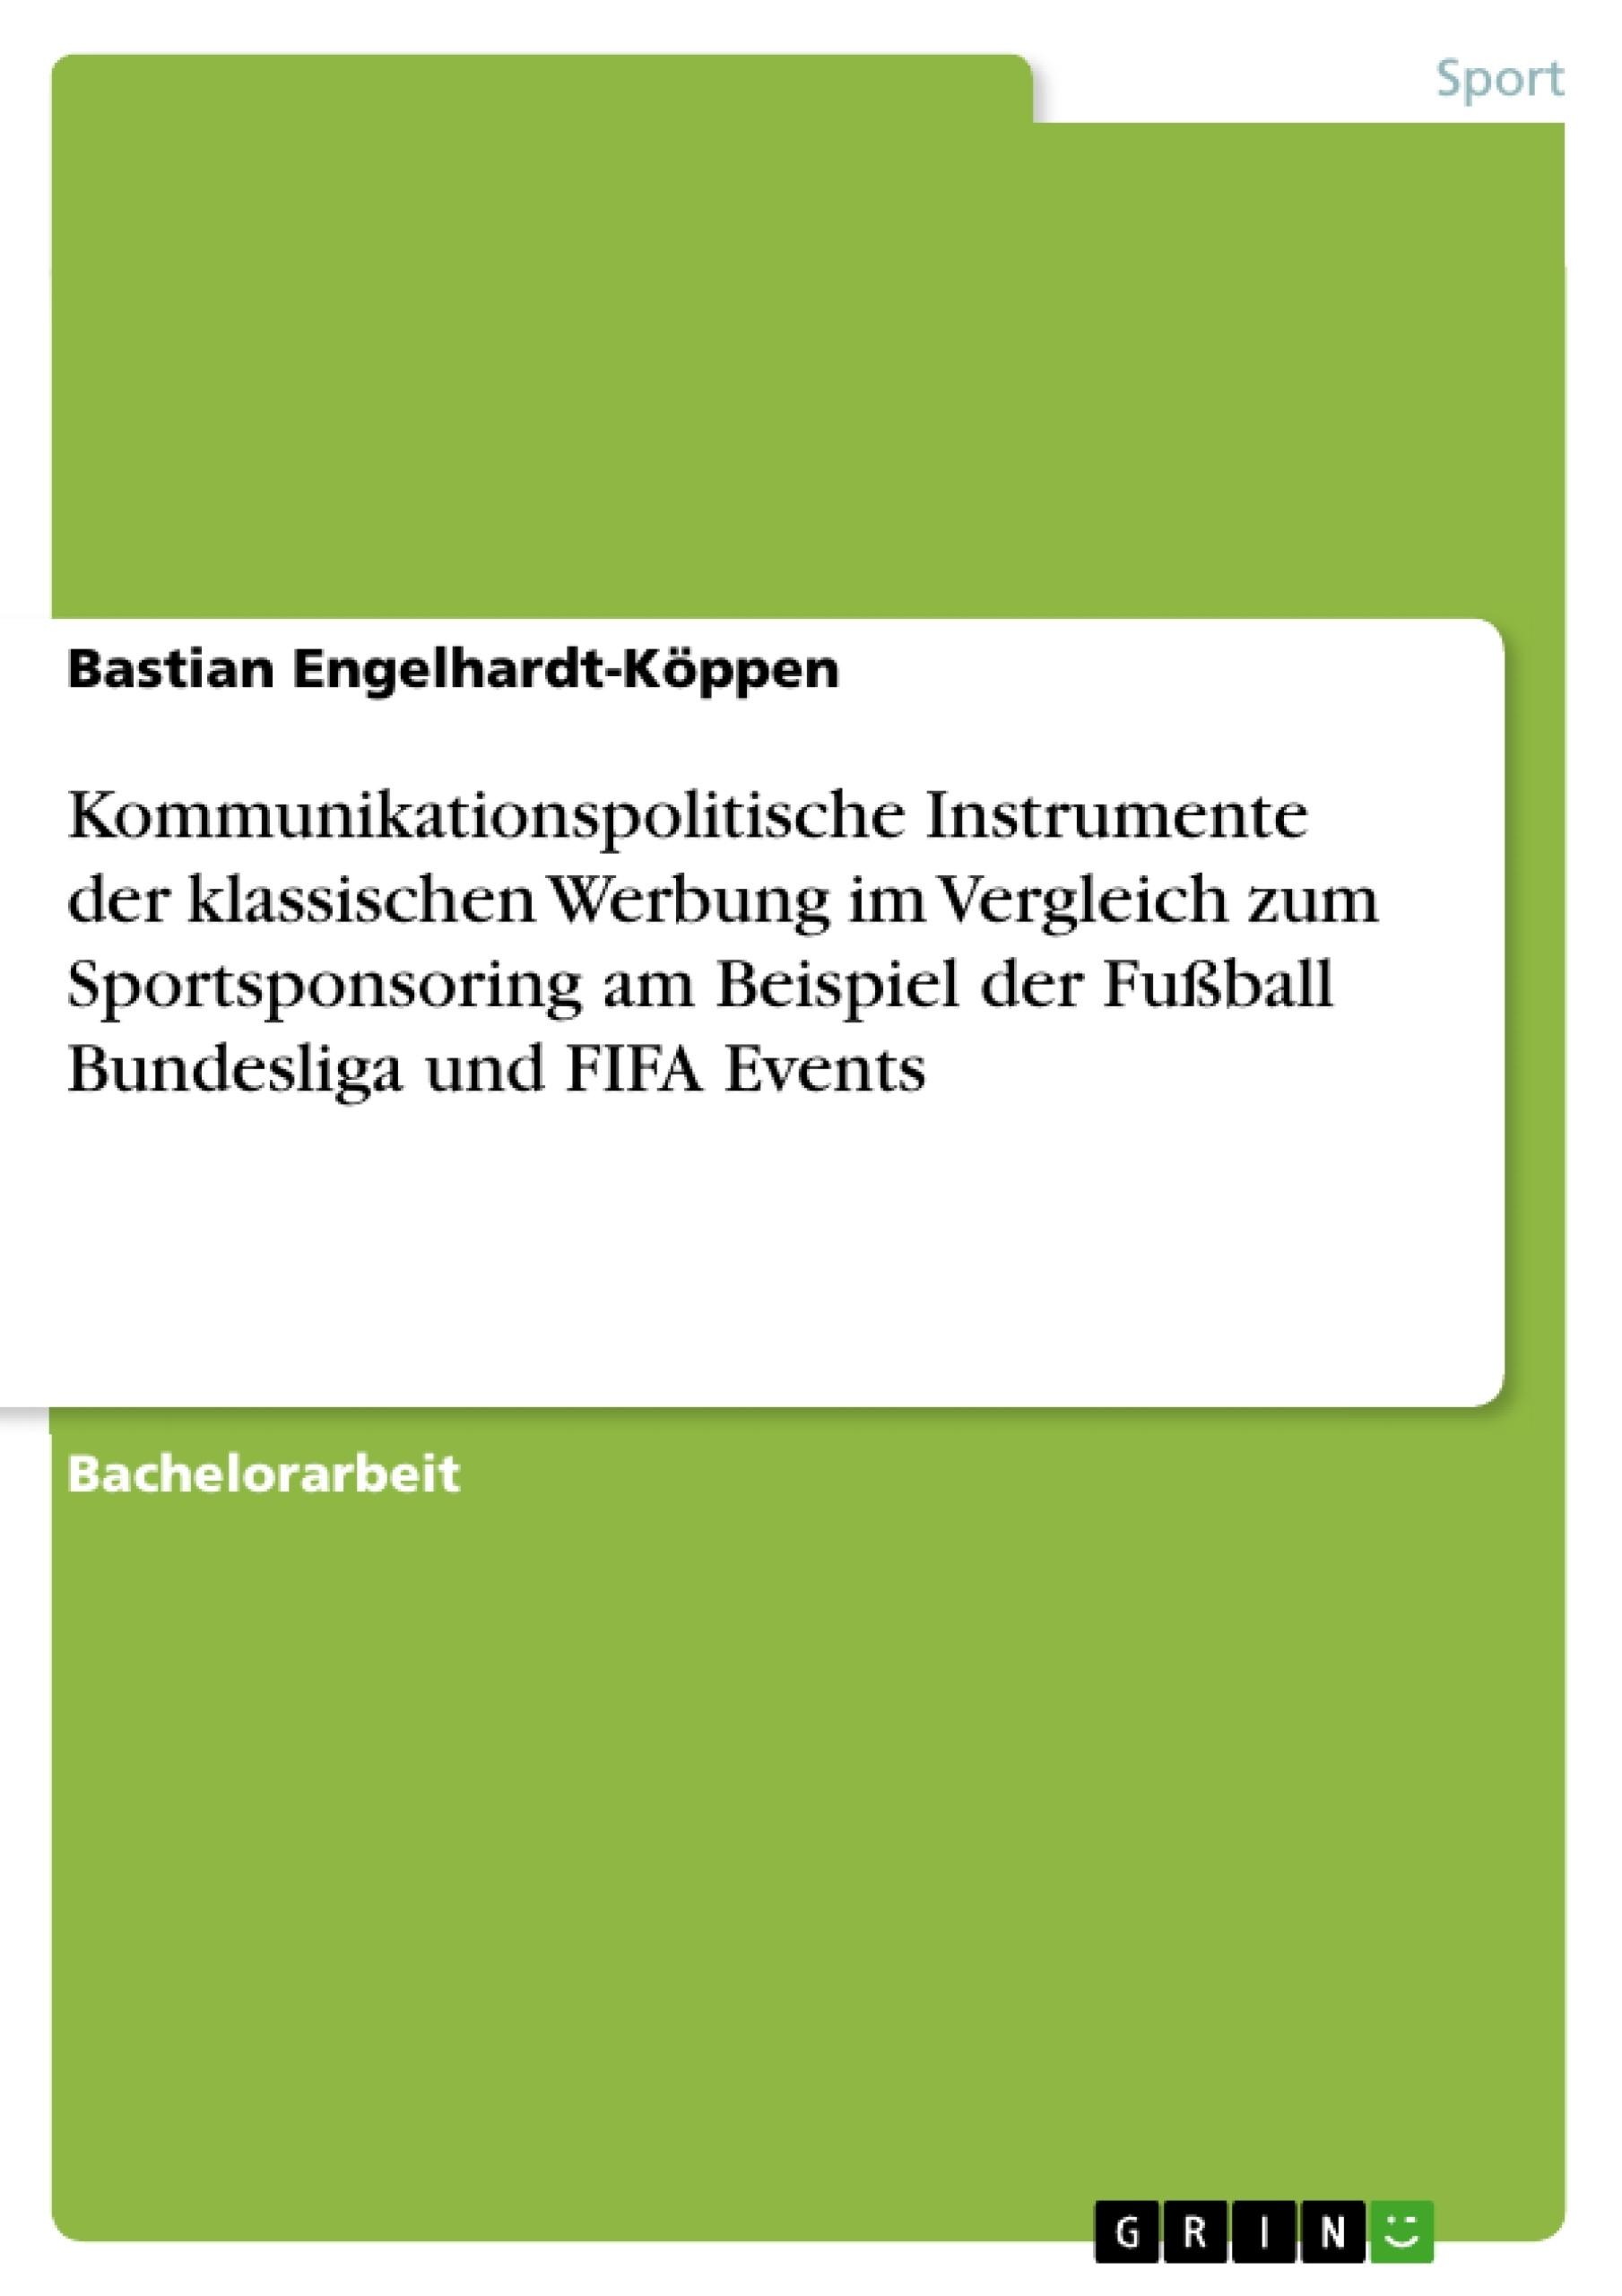 Titel: Kommunikationspolitische Instrumente der klassischen Werbung im Vergleich zum Sportsponsoring am Beispiel der Fußball Bundesliga und FIFA Events